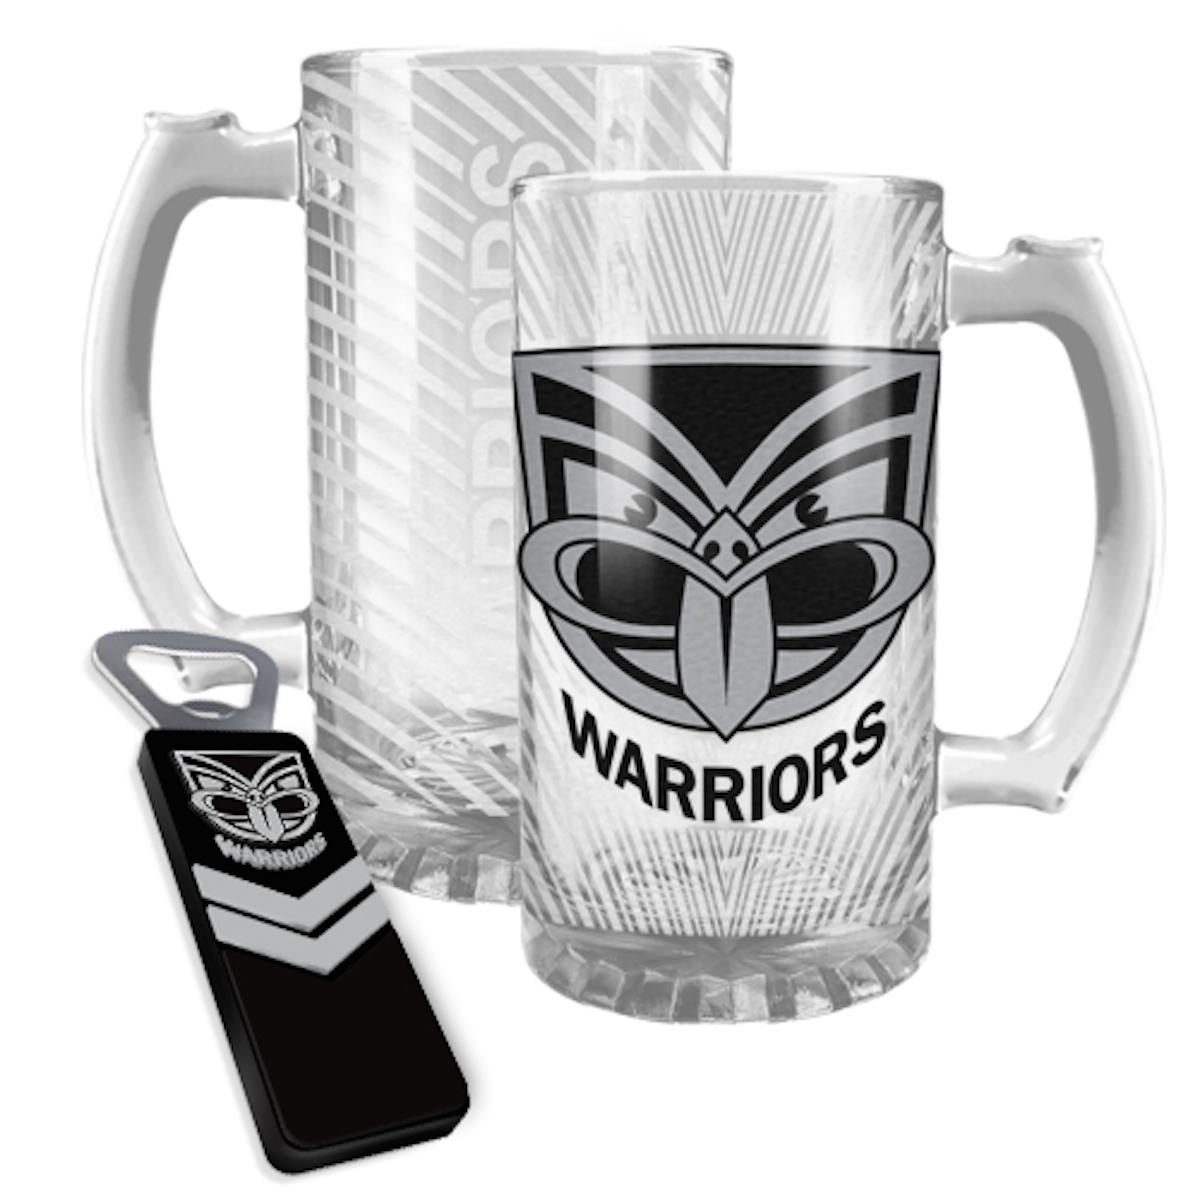 new zealand warriors nrl 500mls beer stein and magnetic bottle opener pack. Black Bedroom Furniture Sets. Home Design Ideas